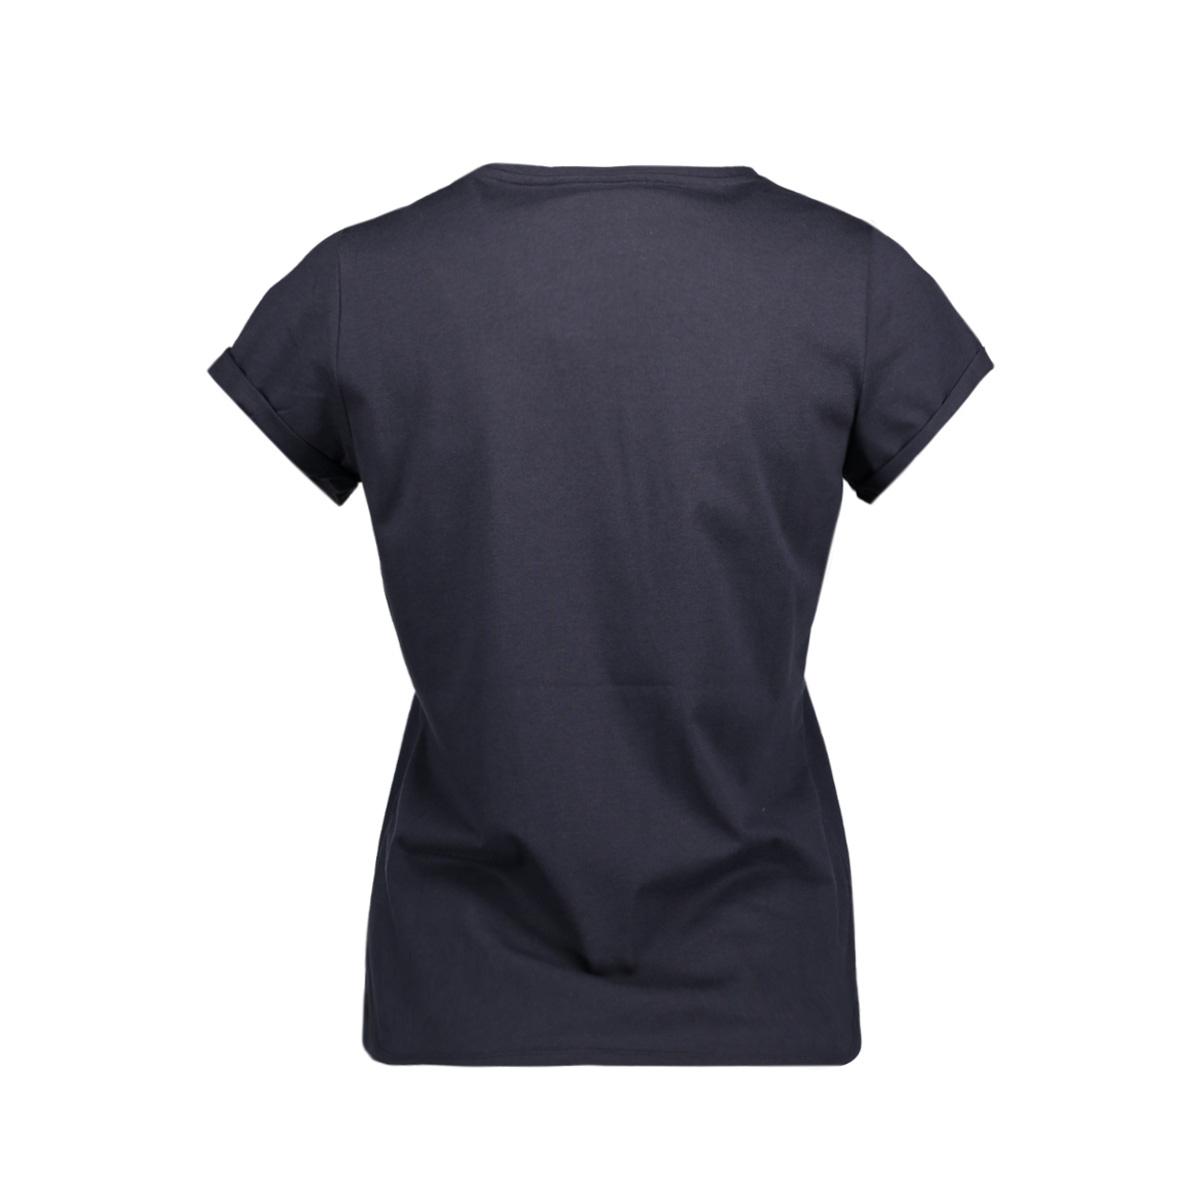 g70002 garcia t-shirt 20 dark navy